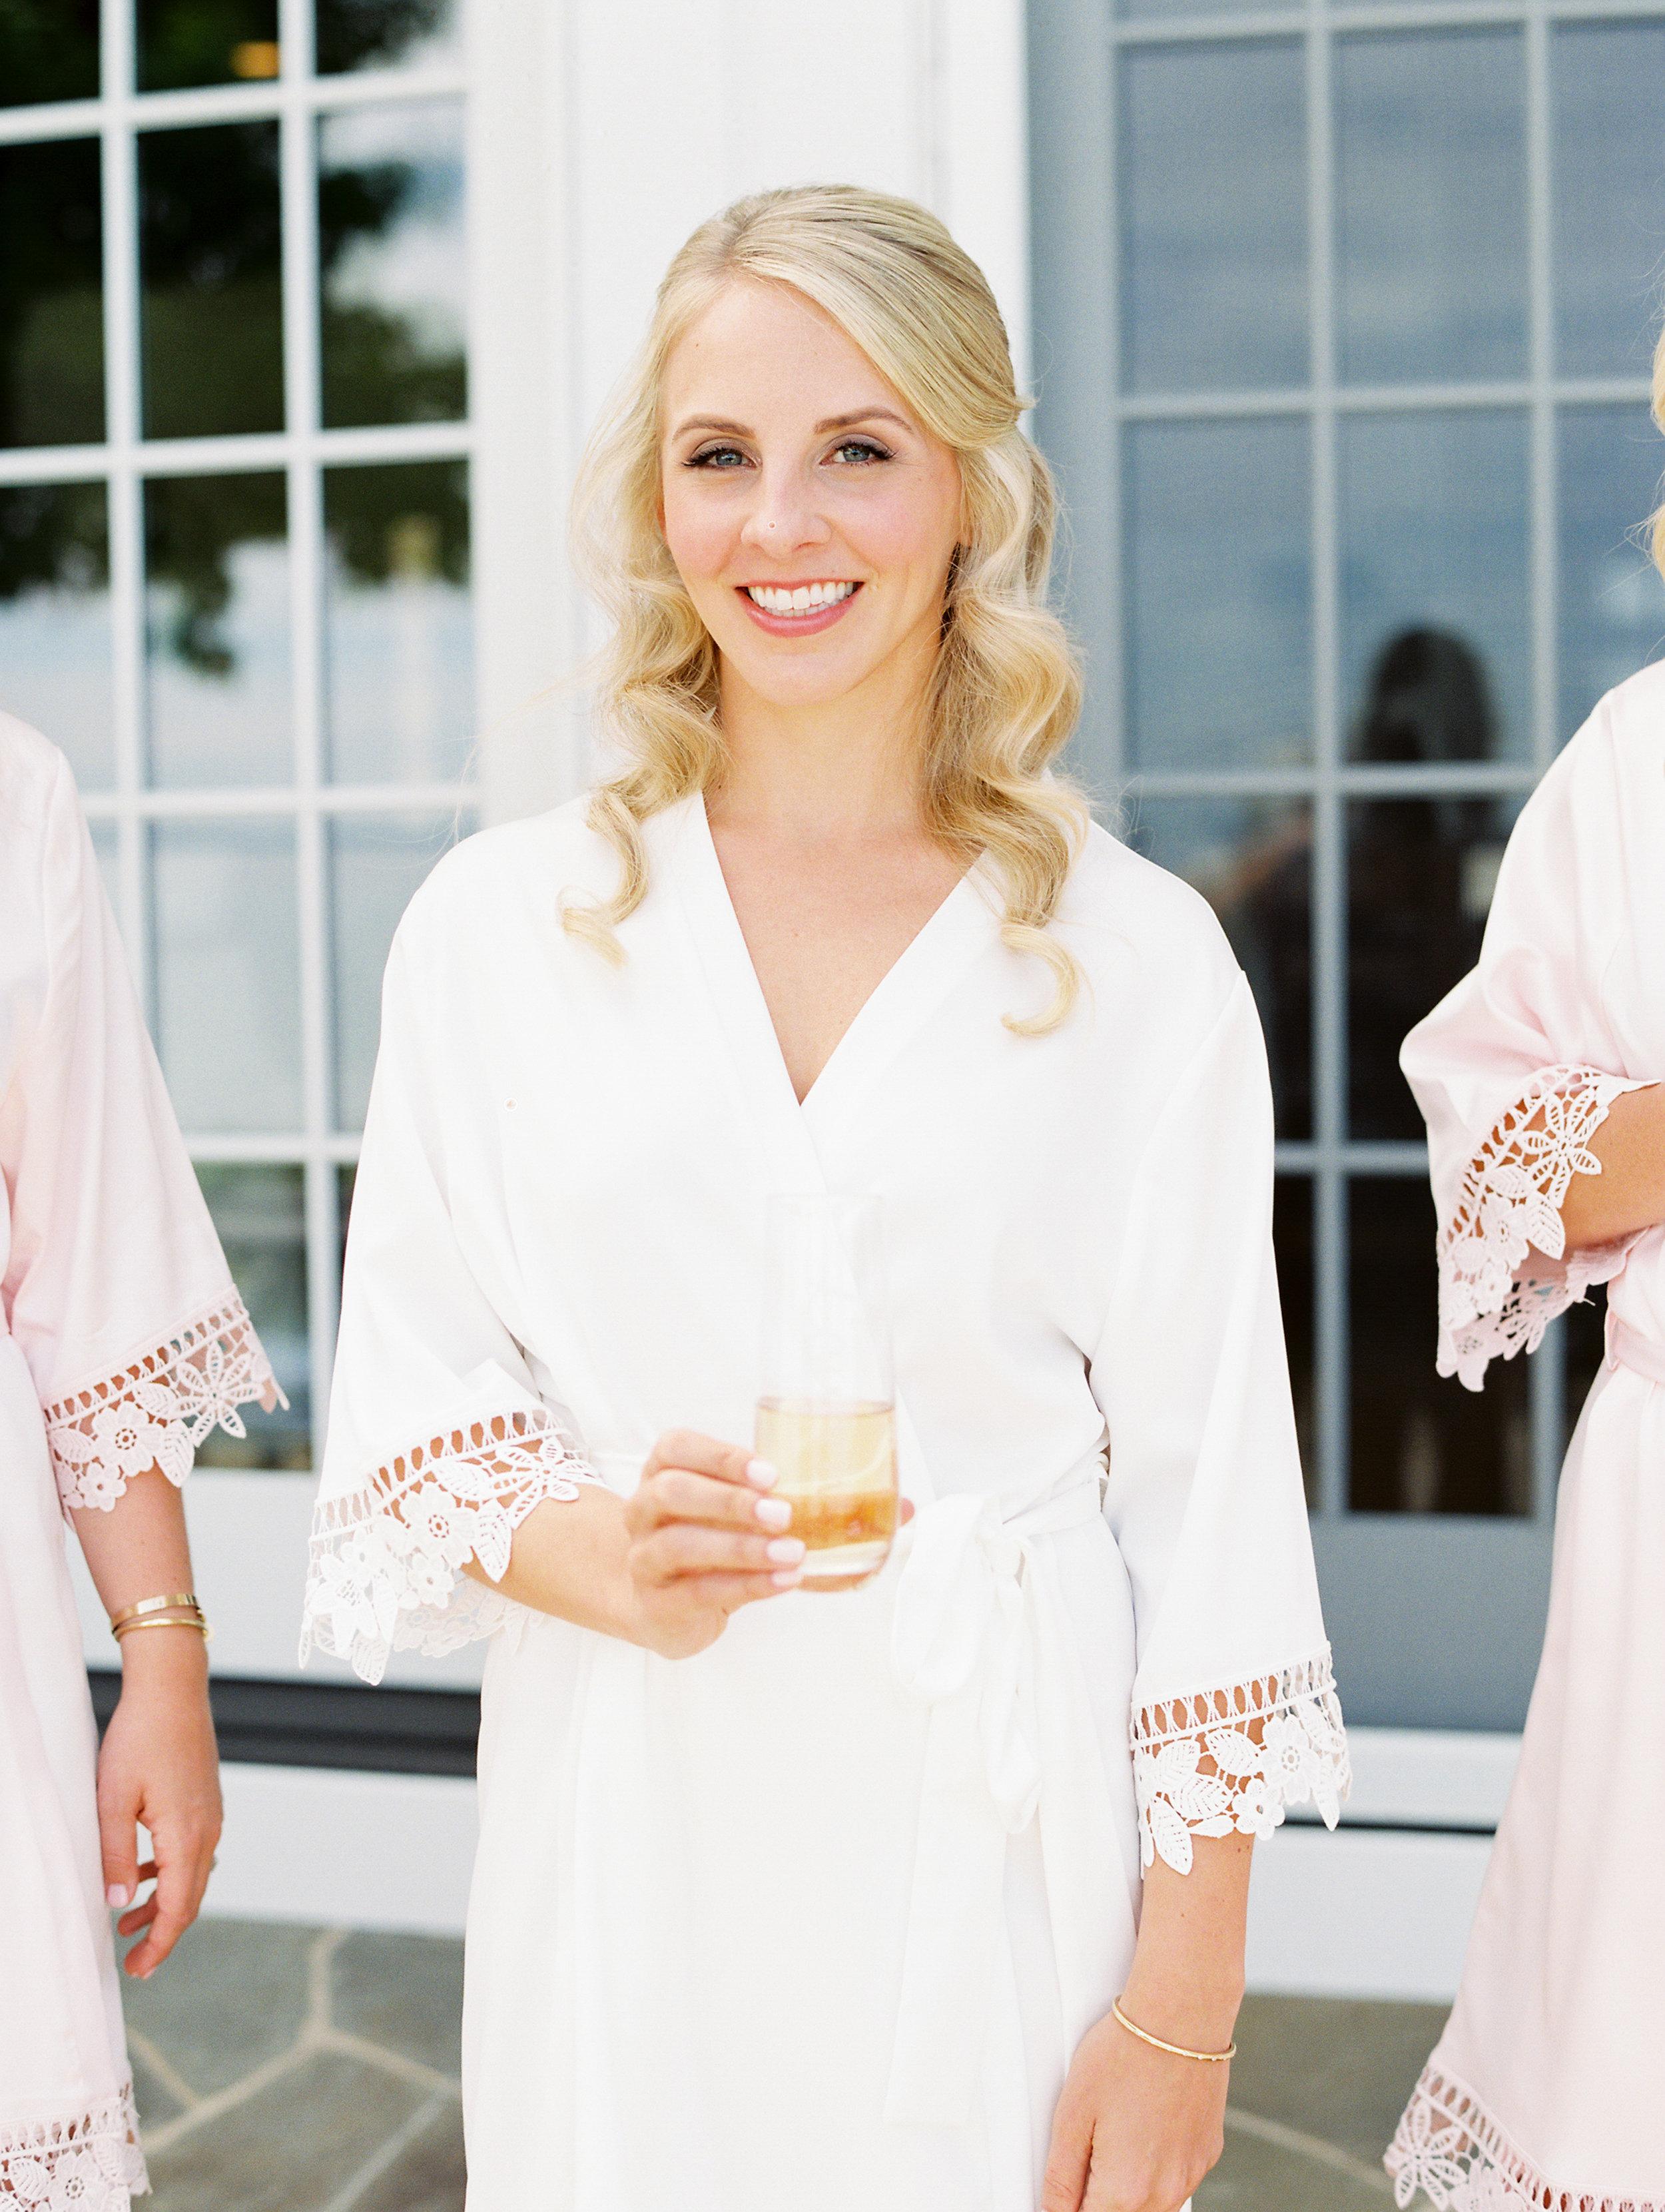 Coffman+Wedding+Getting+Ready+Girls-154.jpg